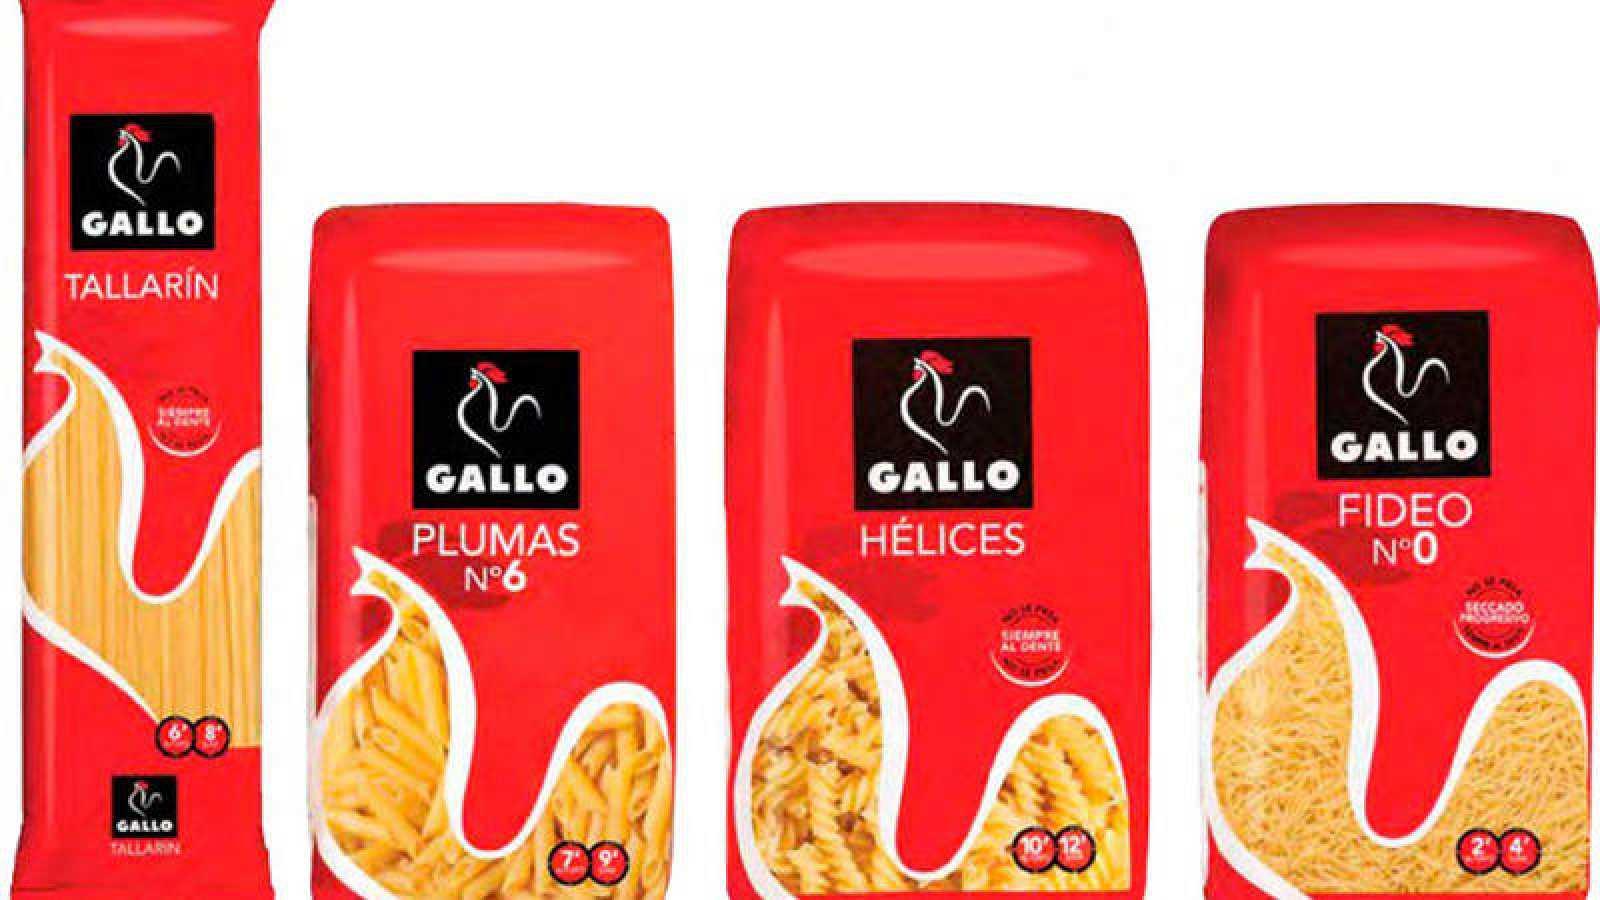 Imagen de productos Gallo